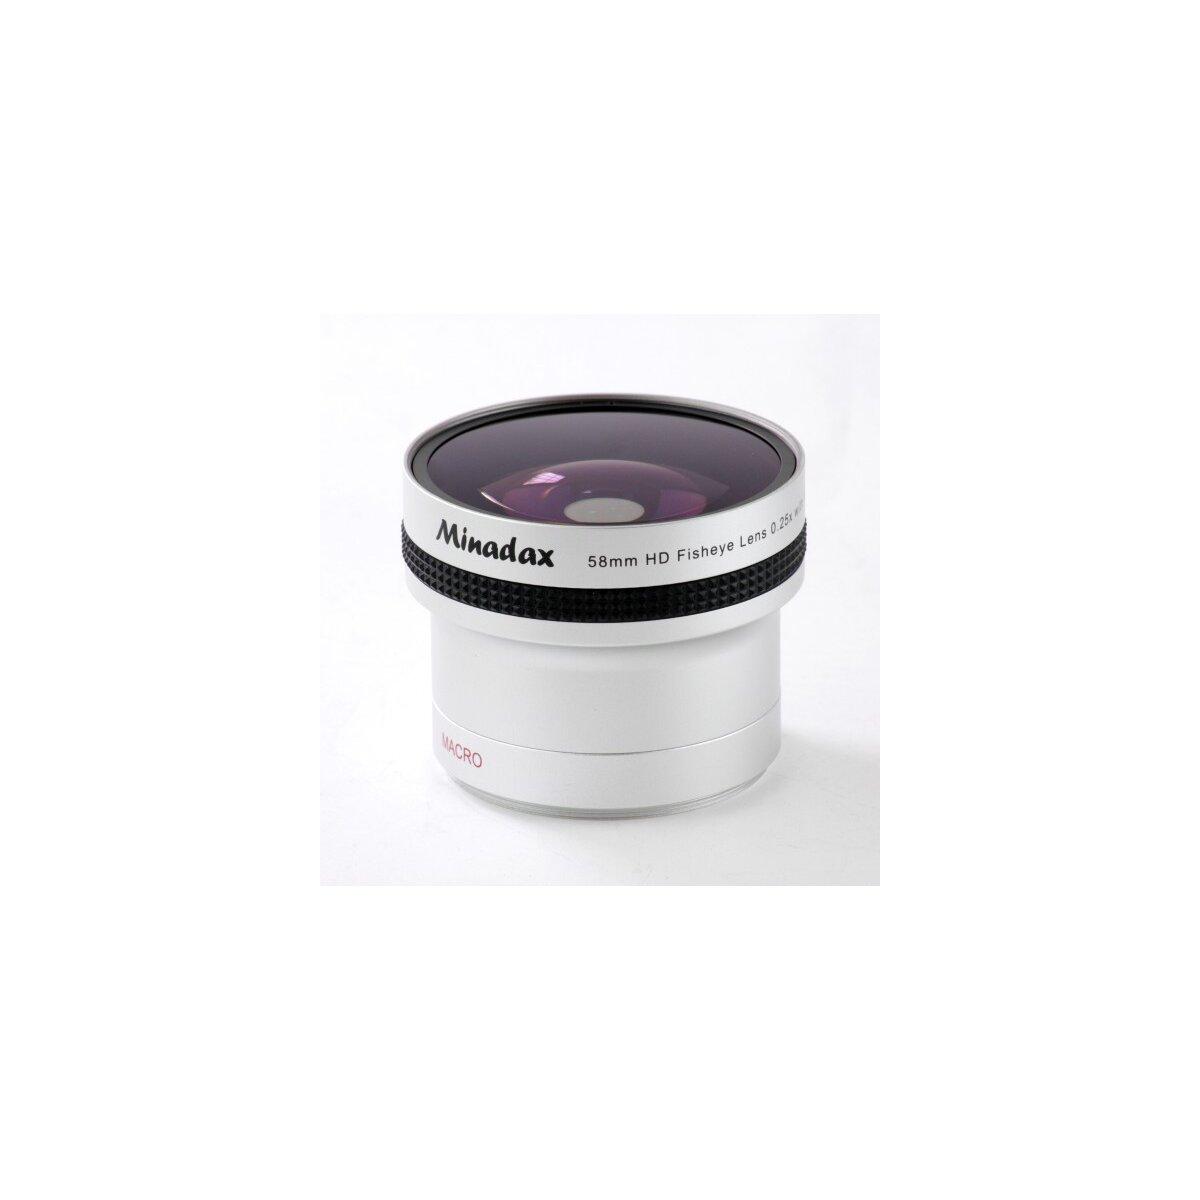 0.25x Minadax Fisheye Vorsatz fuer Olympus SP-550, SP-560, SP-565, SP-570 (Ultra Zoom) - in silber